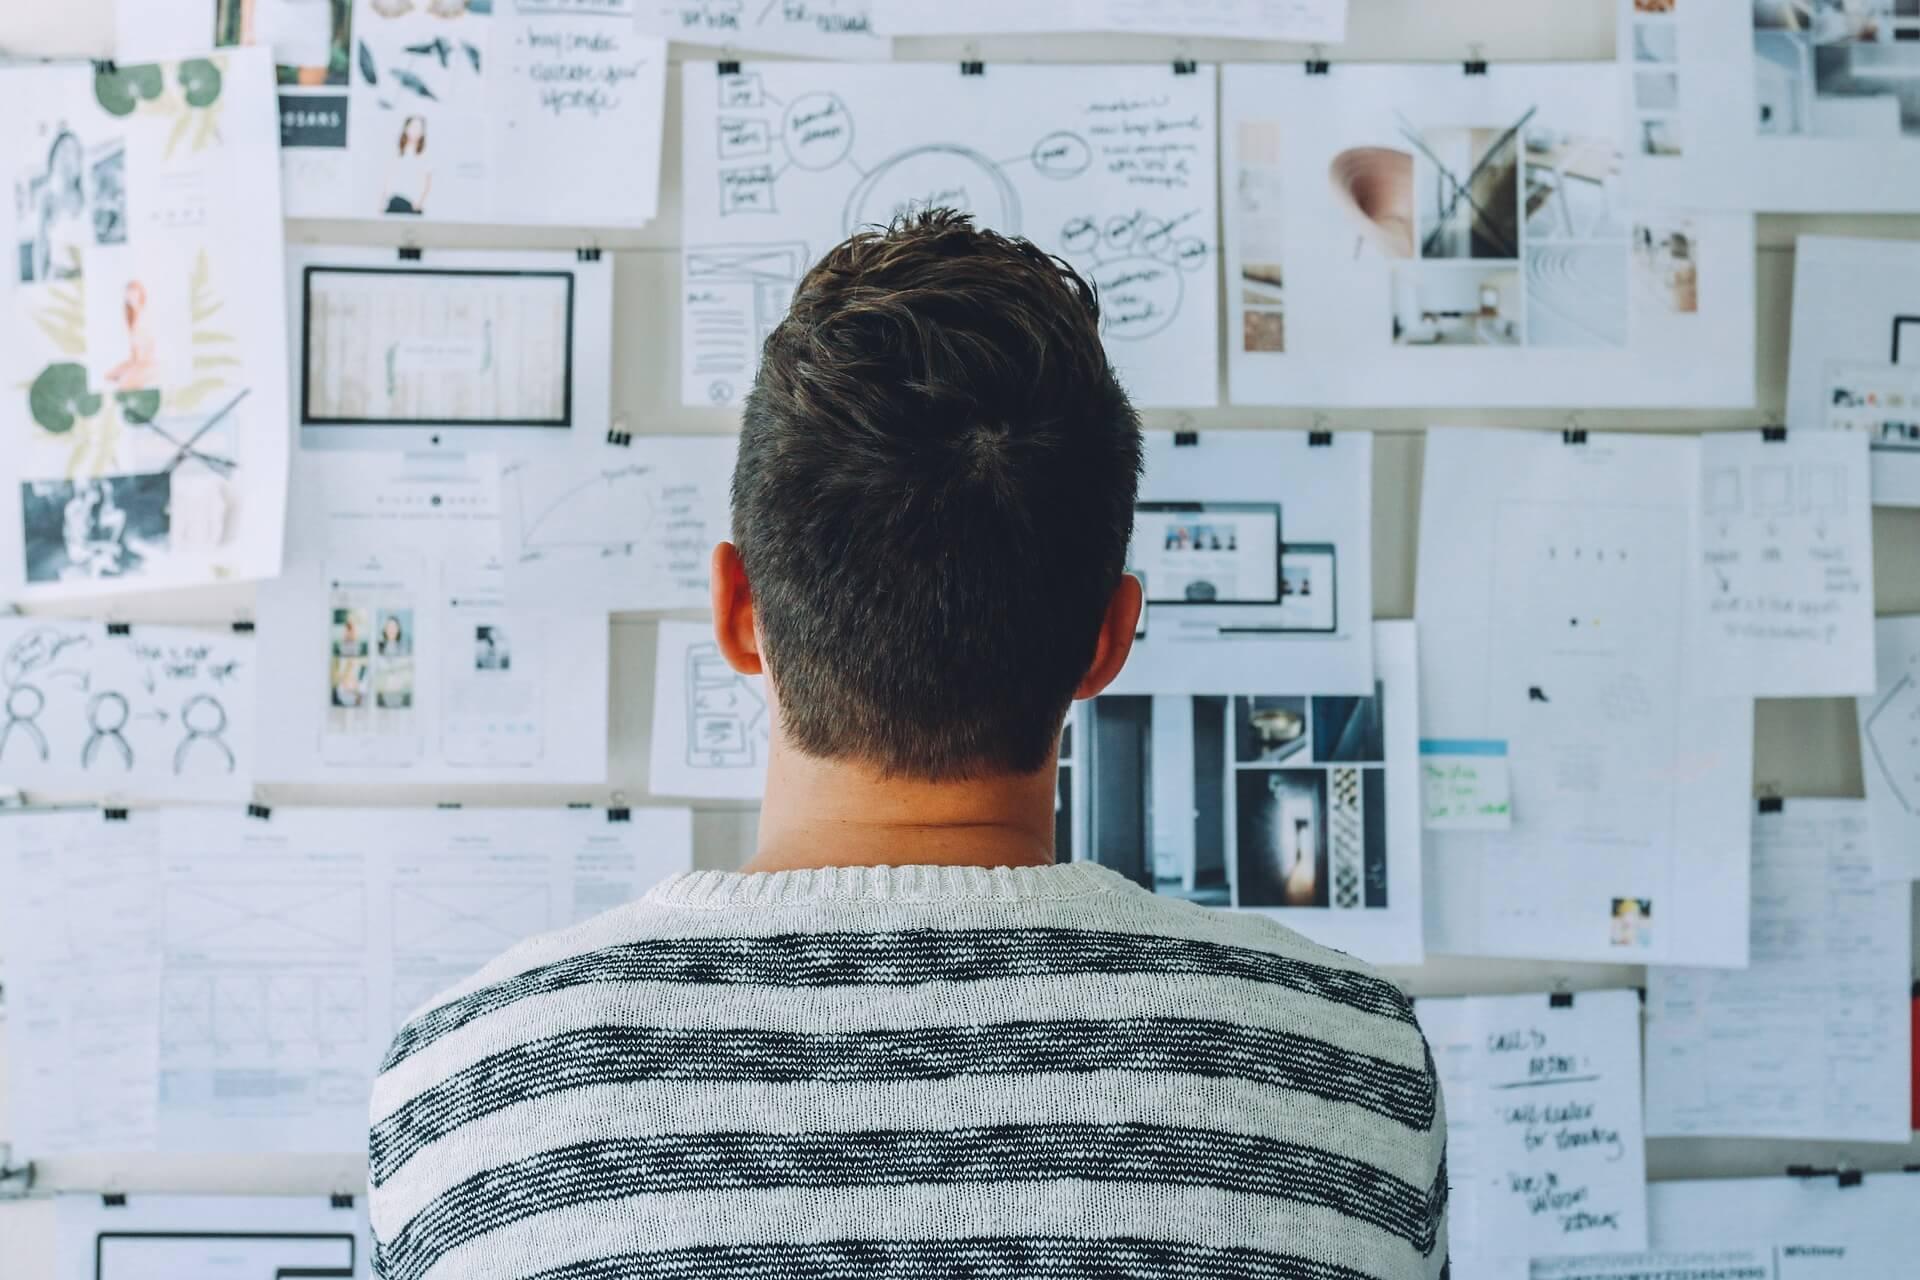 Studentischer Mitarbeiterer – Konzepte erstellen